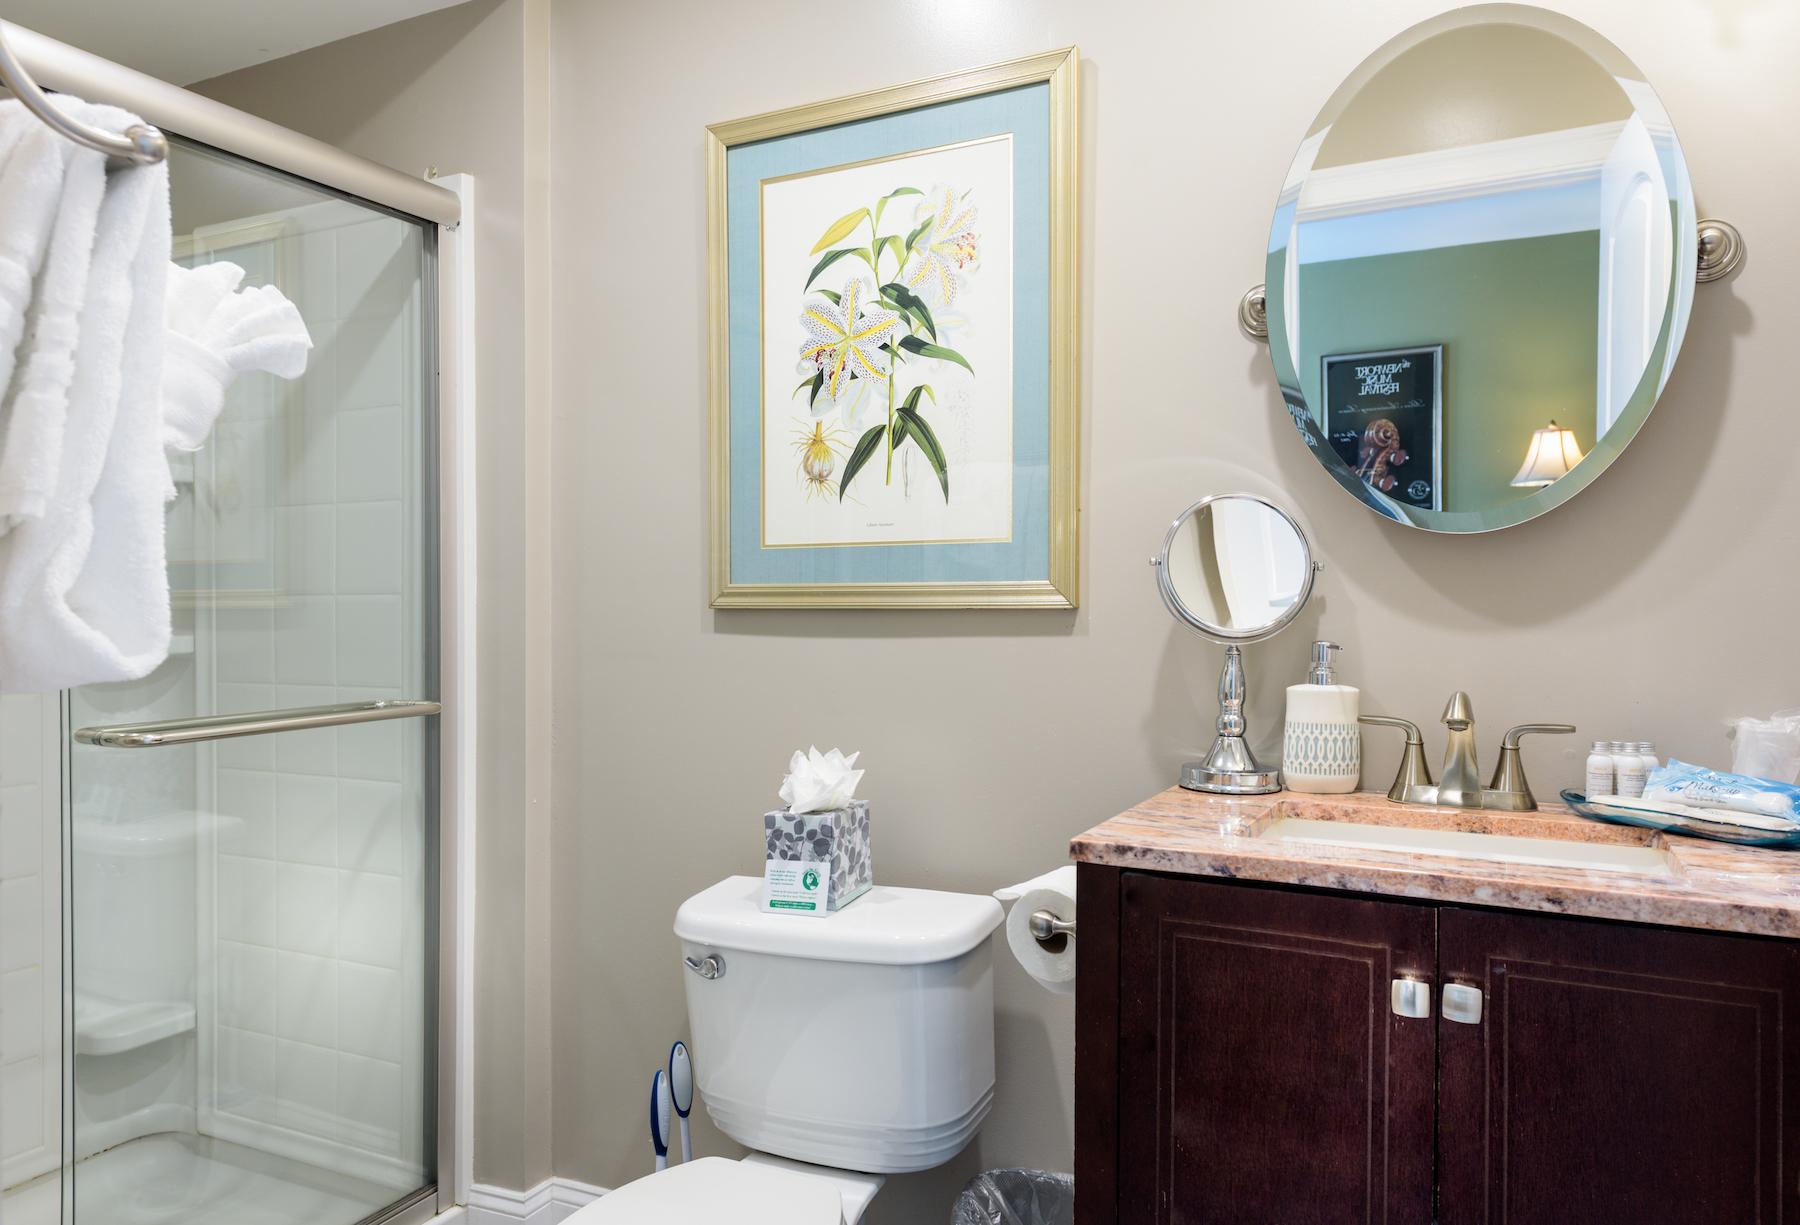 Inn-Room-8-and-Bathroom-20171102-048-1